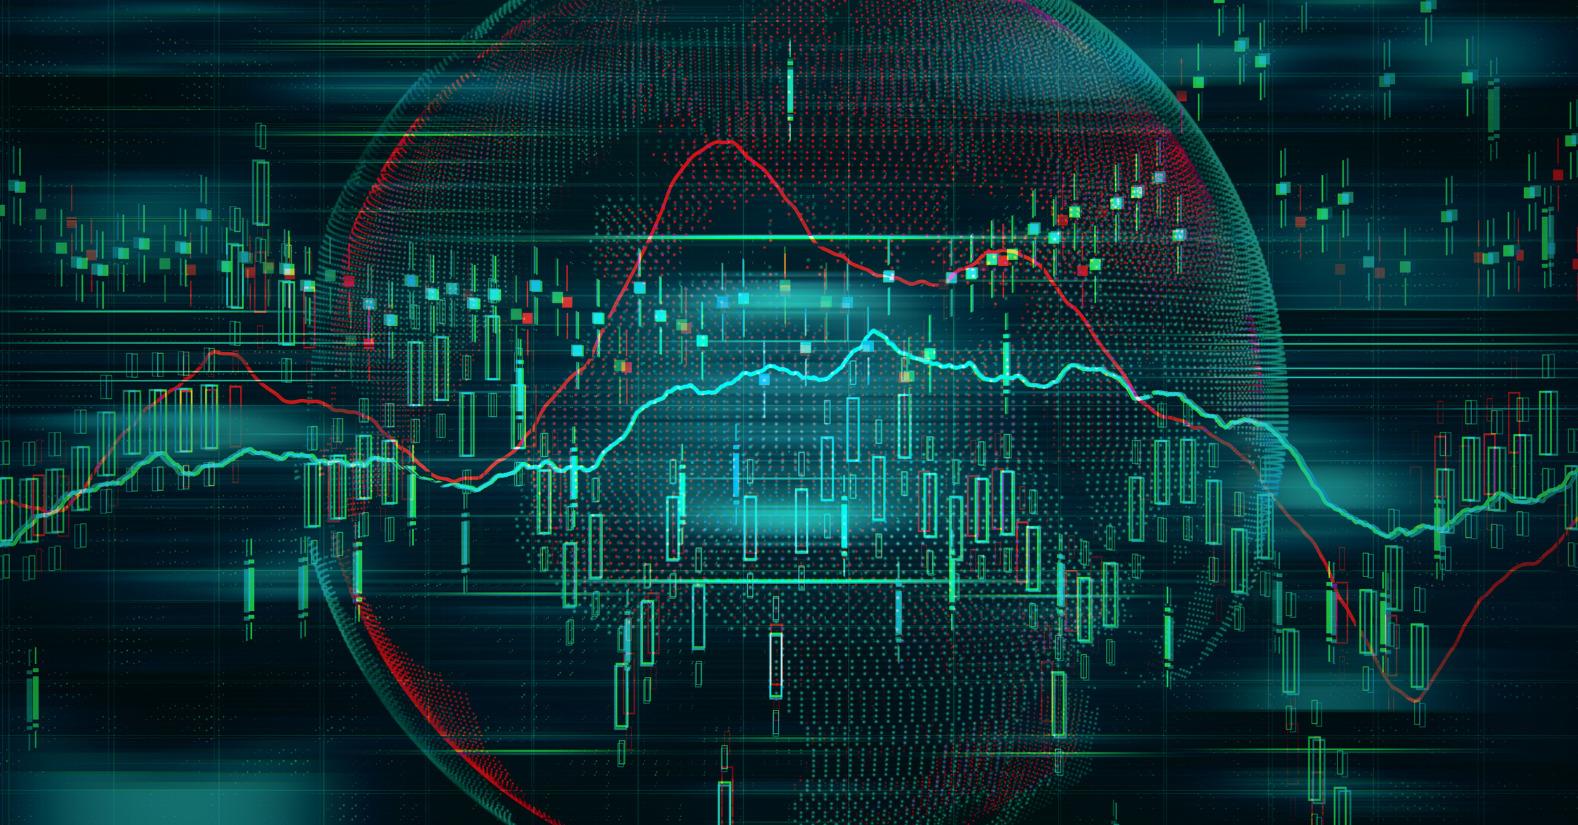 Todo lo que debes saber sobre los mercados financieros